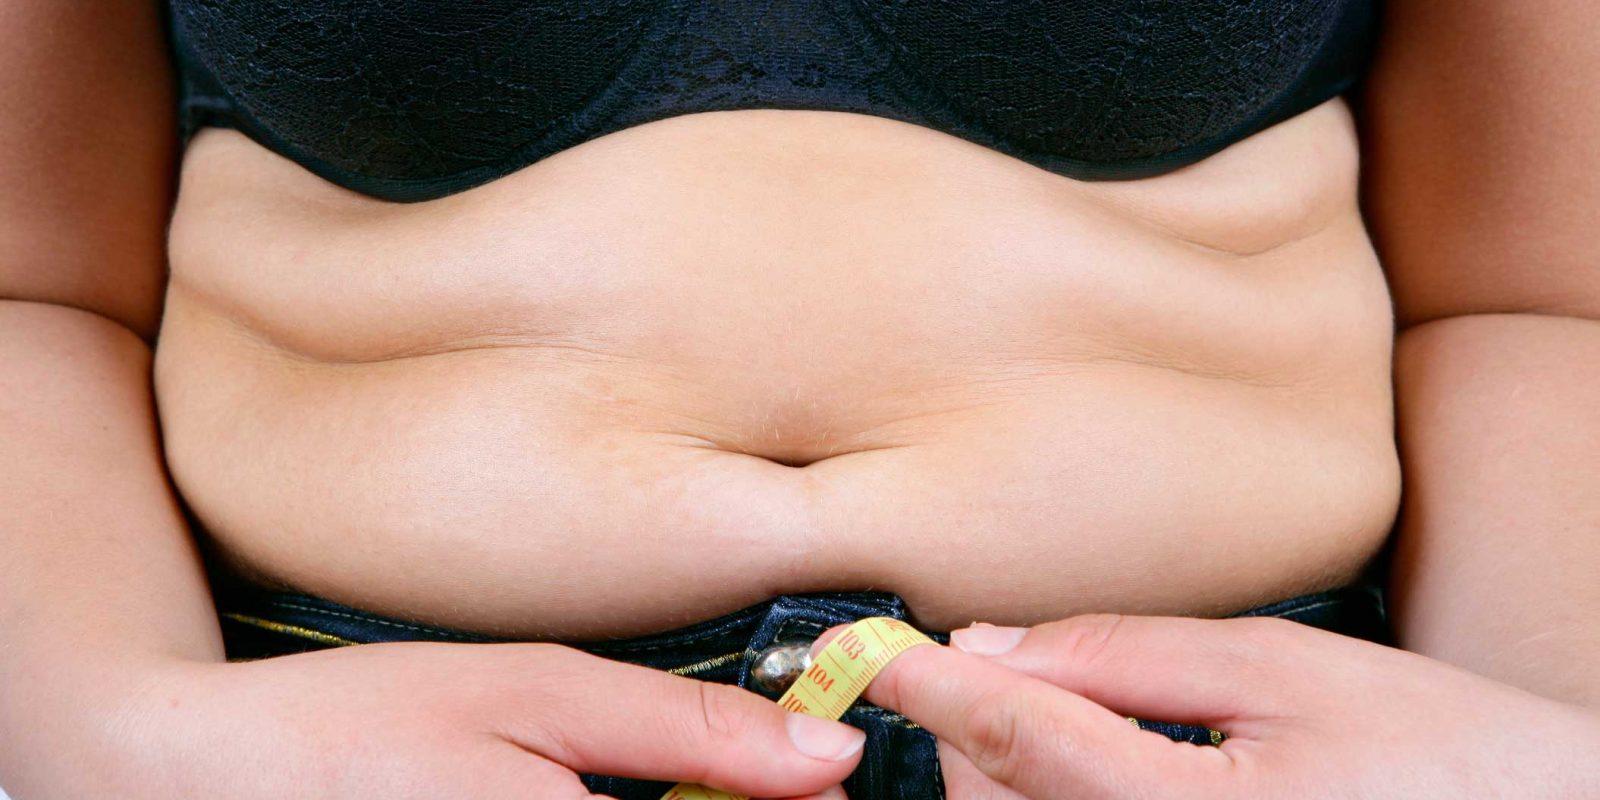 Plastie Abdominale (Abdominoplastie)